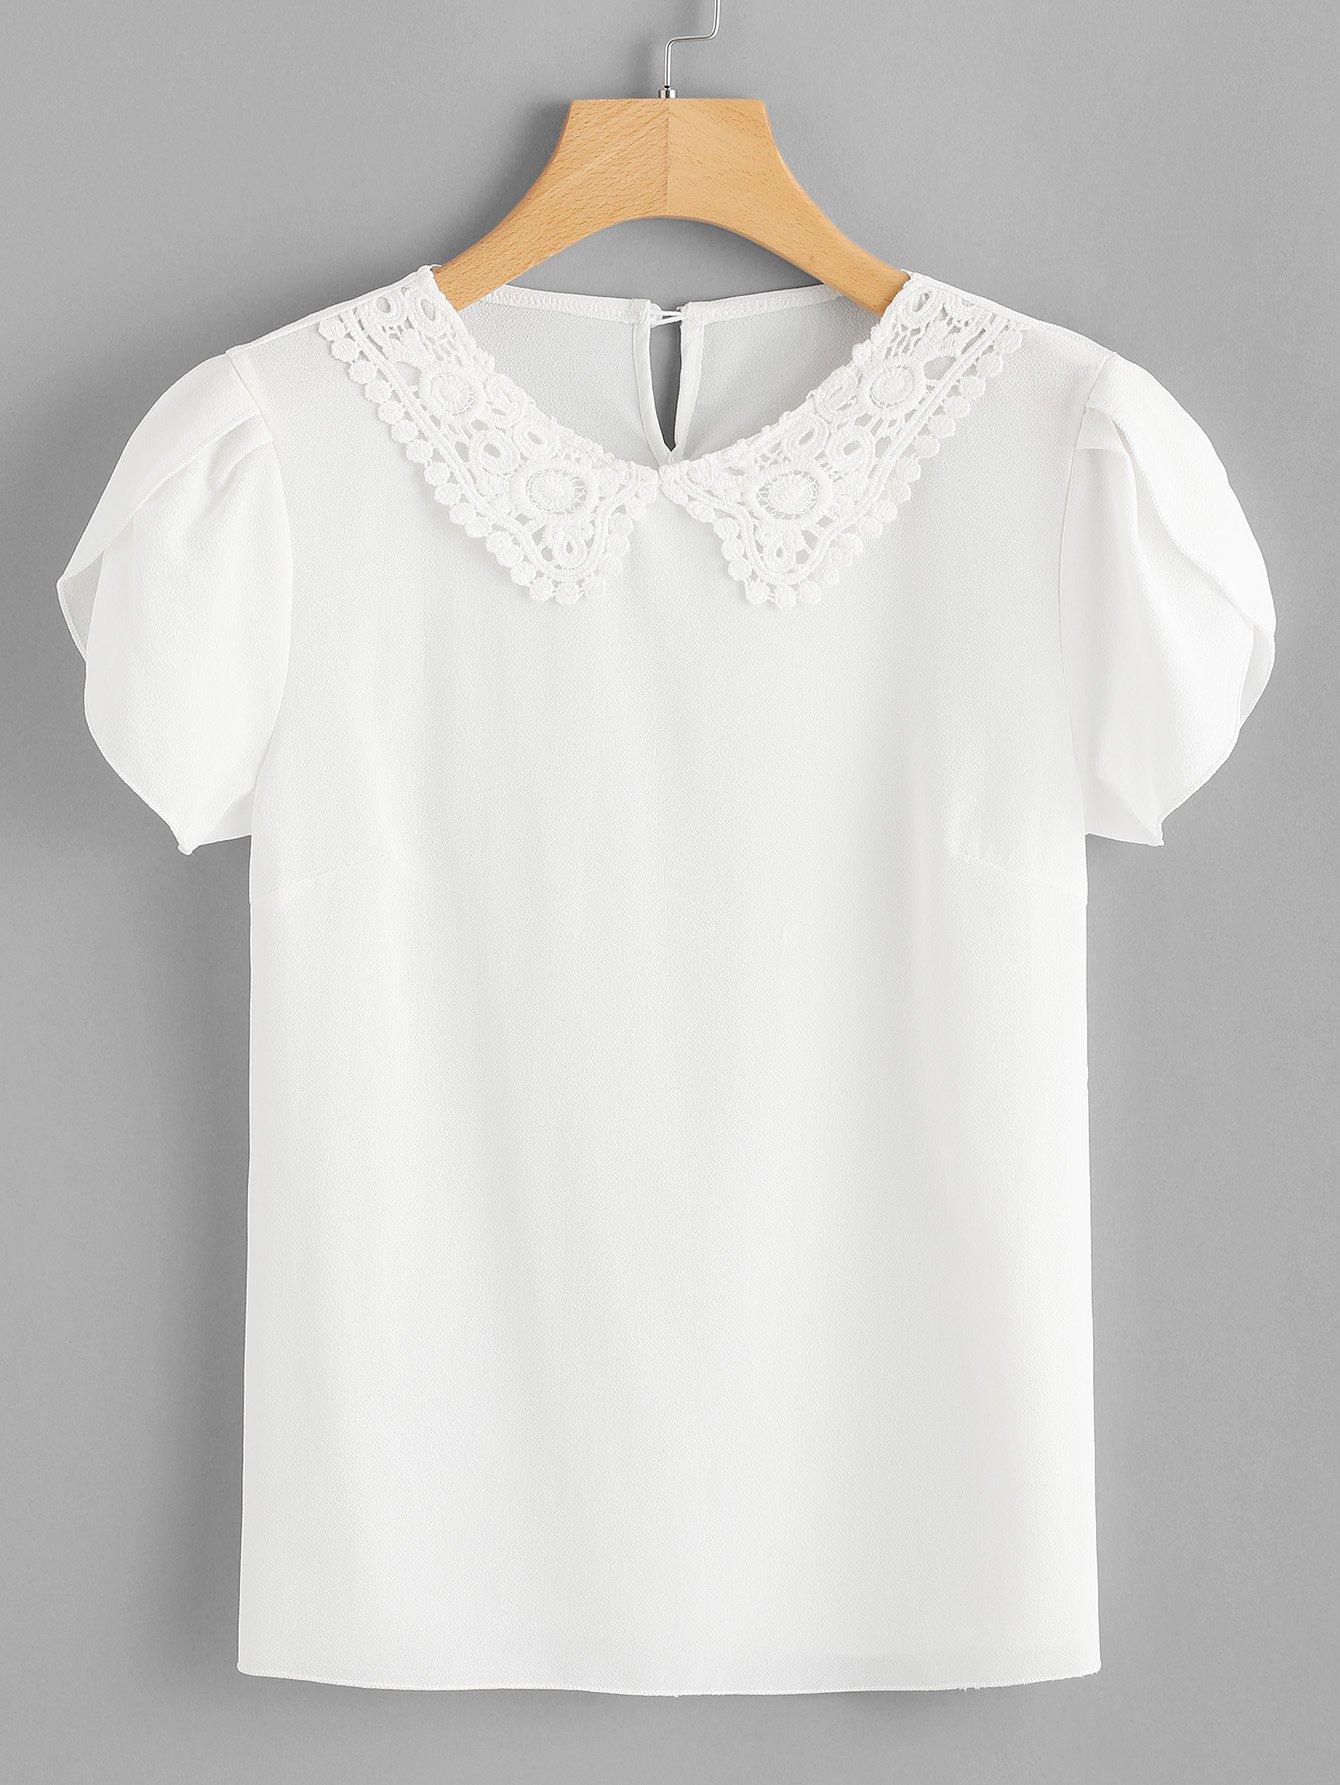 T-Shirt mit Spitze auf dem Ausschnitt und Blütenblatt Ärmeln